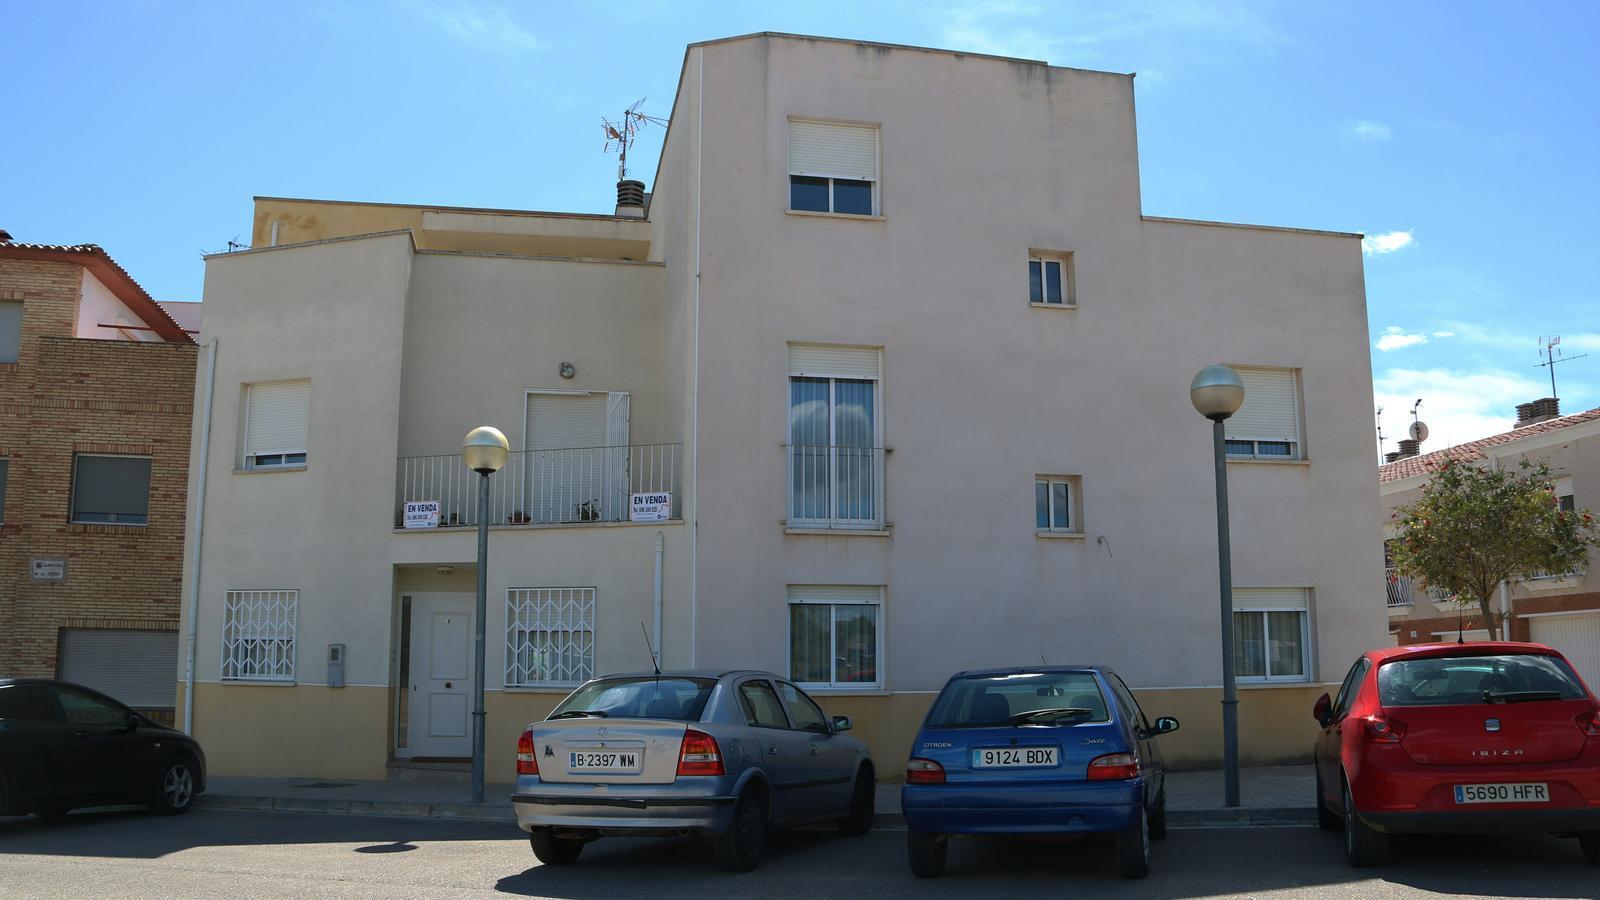 Presó provisional per al detingut per matar la seva parella a Vinaròs